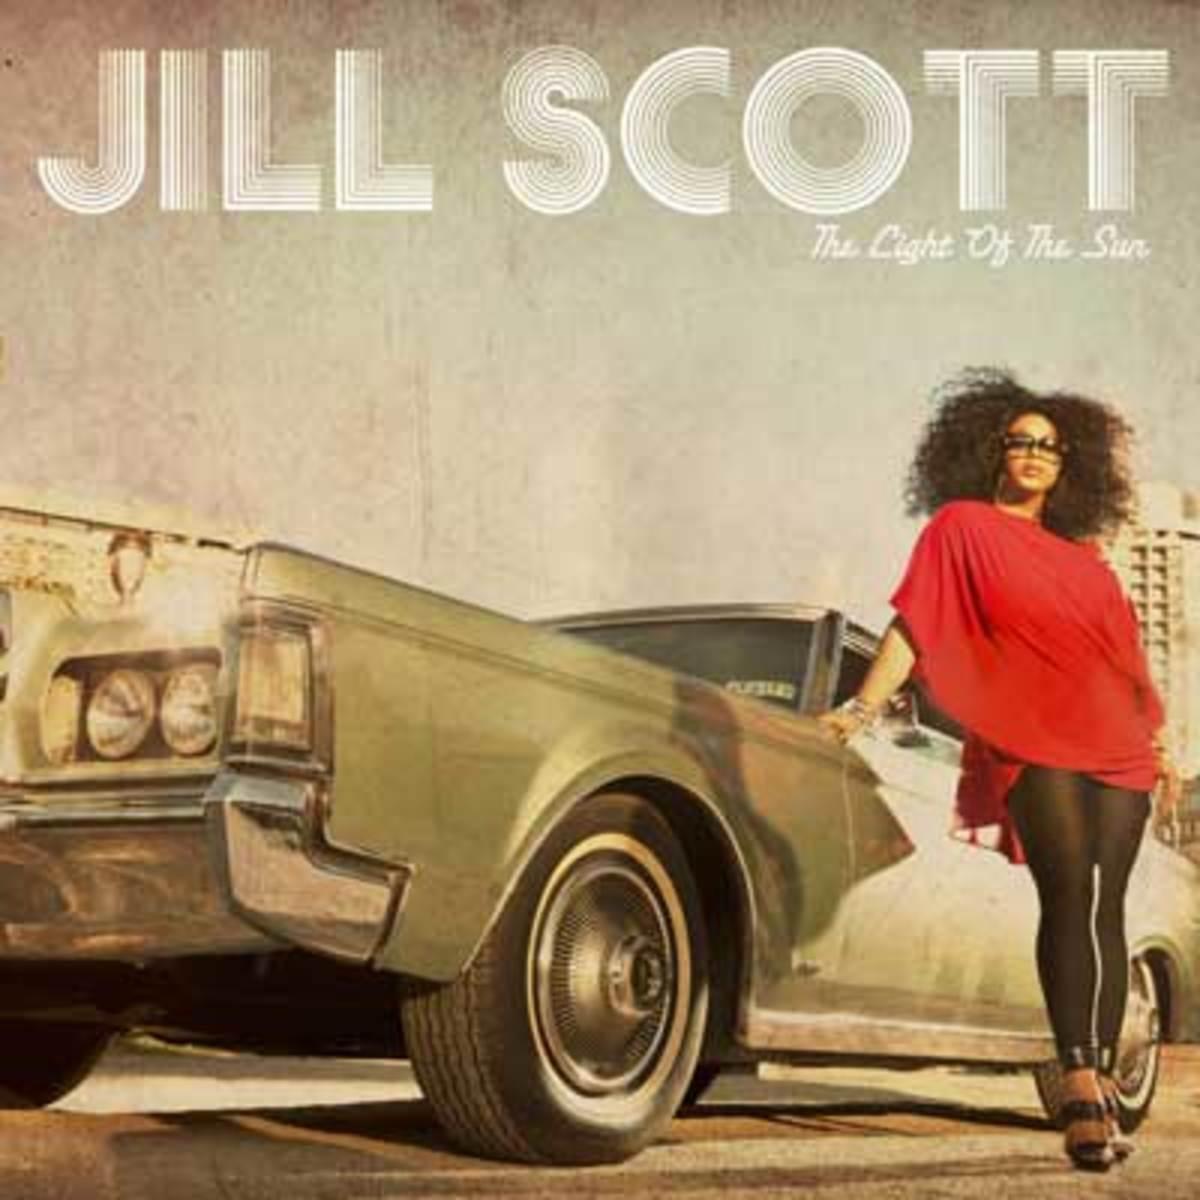 jilscott-thelightofsun.jpg